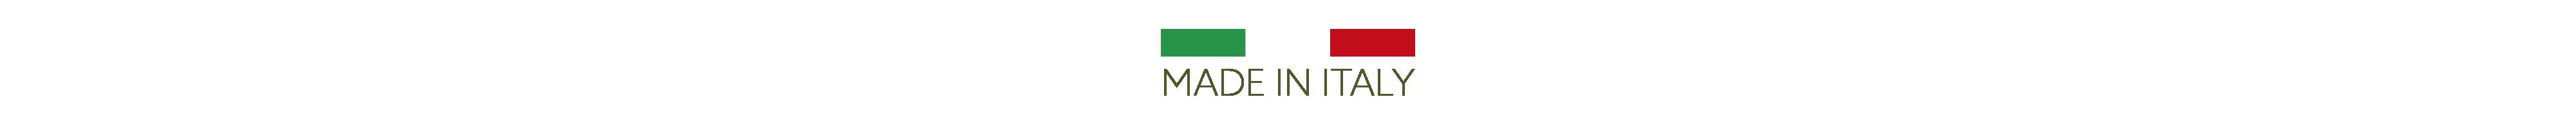 MADE IN ITALY_V